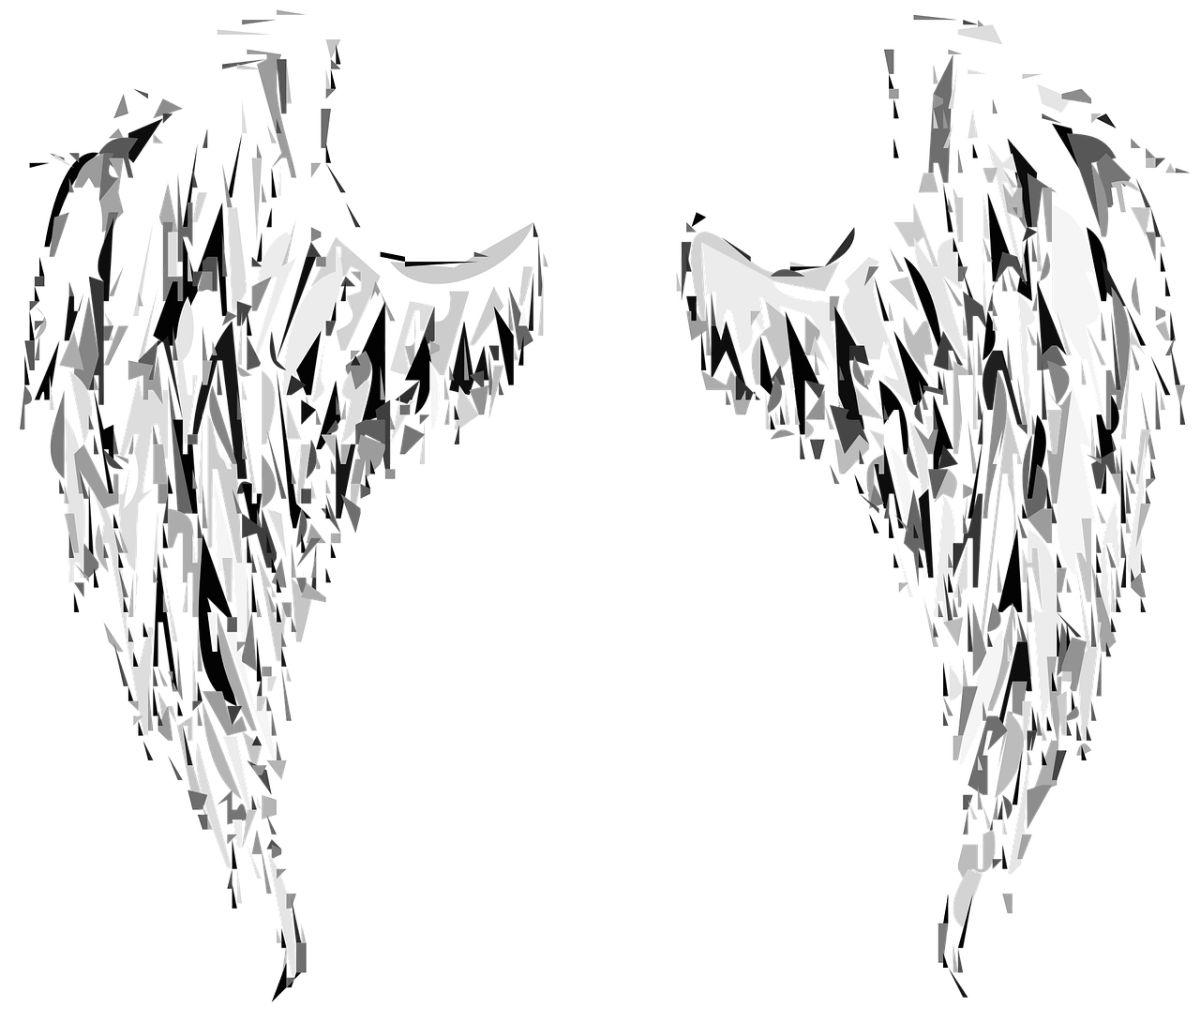 ¿Es sencillo dibujar unas alas?